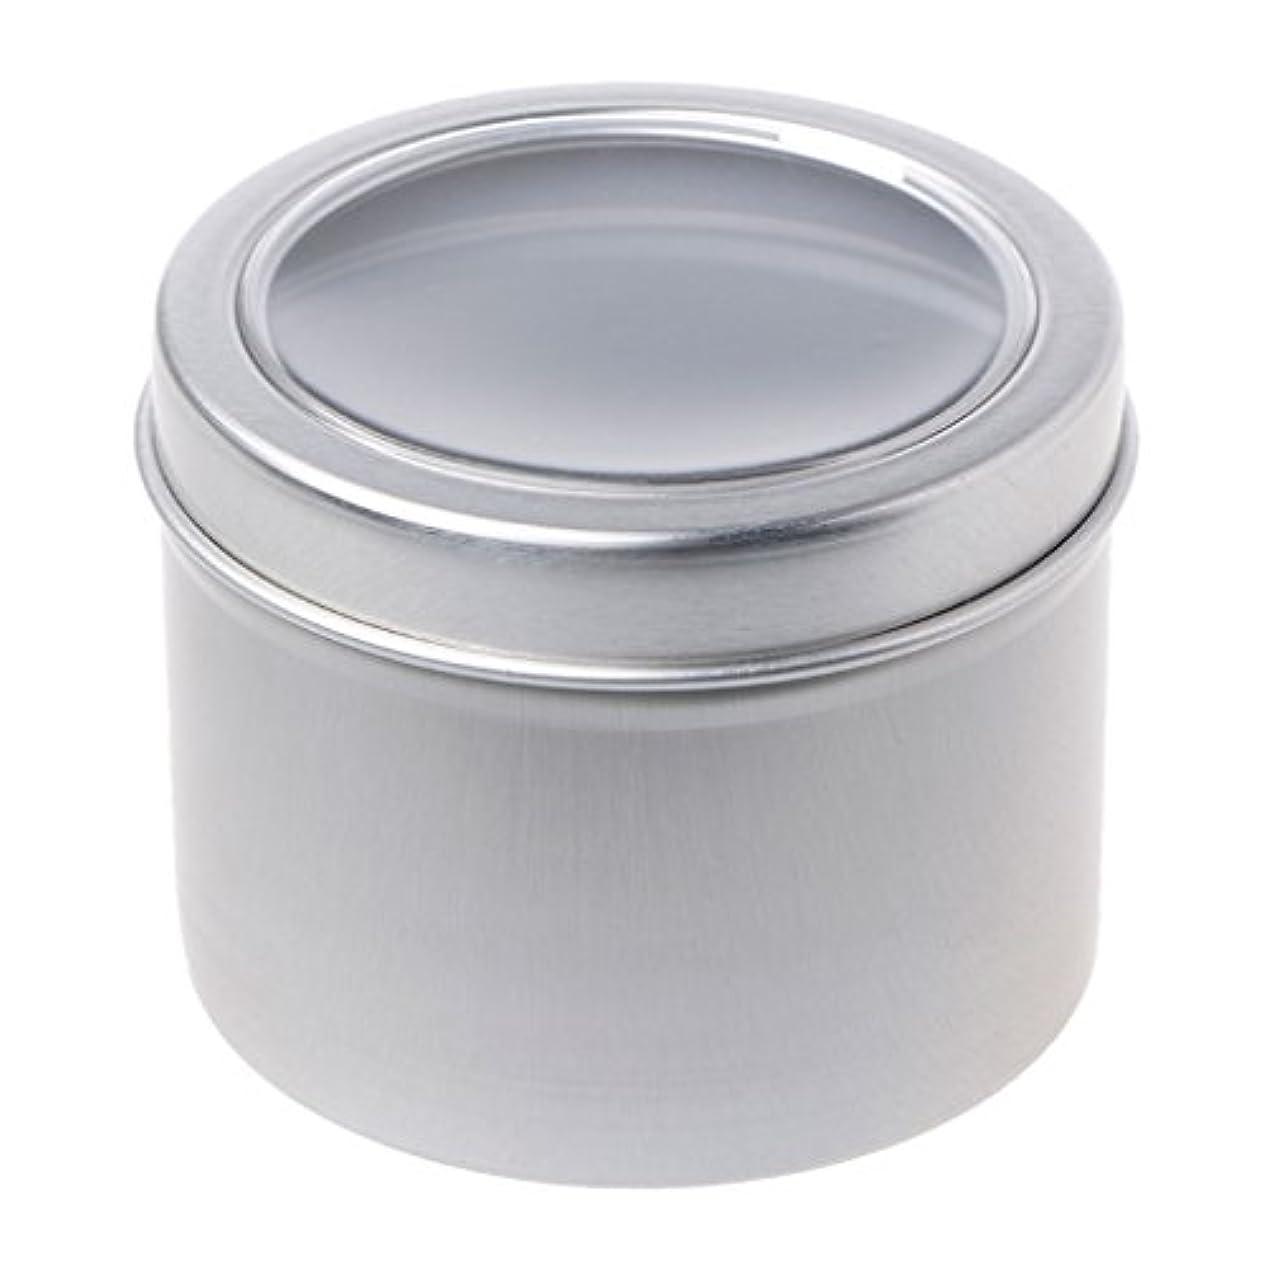 影響を受けやすいです取るに足らないイソギンチャクSimpleLife 60mlラウンドスティンケースコンテナ、蓋が空のクリアウィンドウスイング、蓋付き、スモールガジェット、DIYリップバーム - スパイスケース、アルミ容器ボックス/ミニポケットサイズの缶